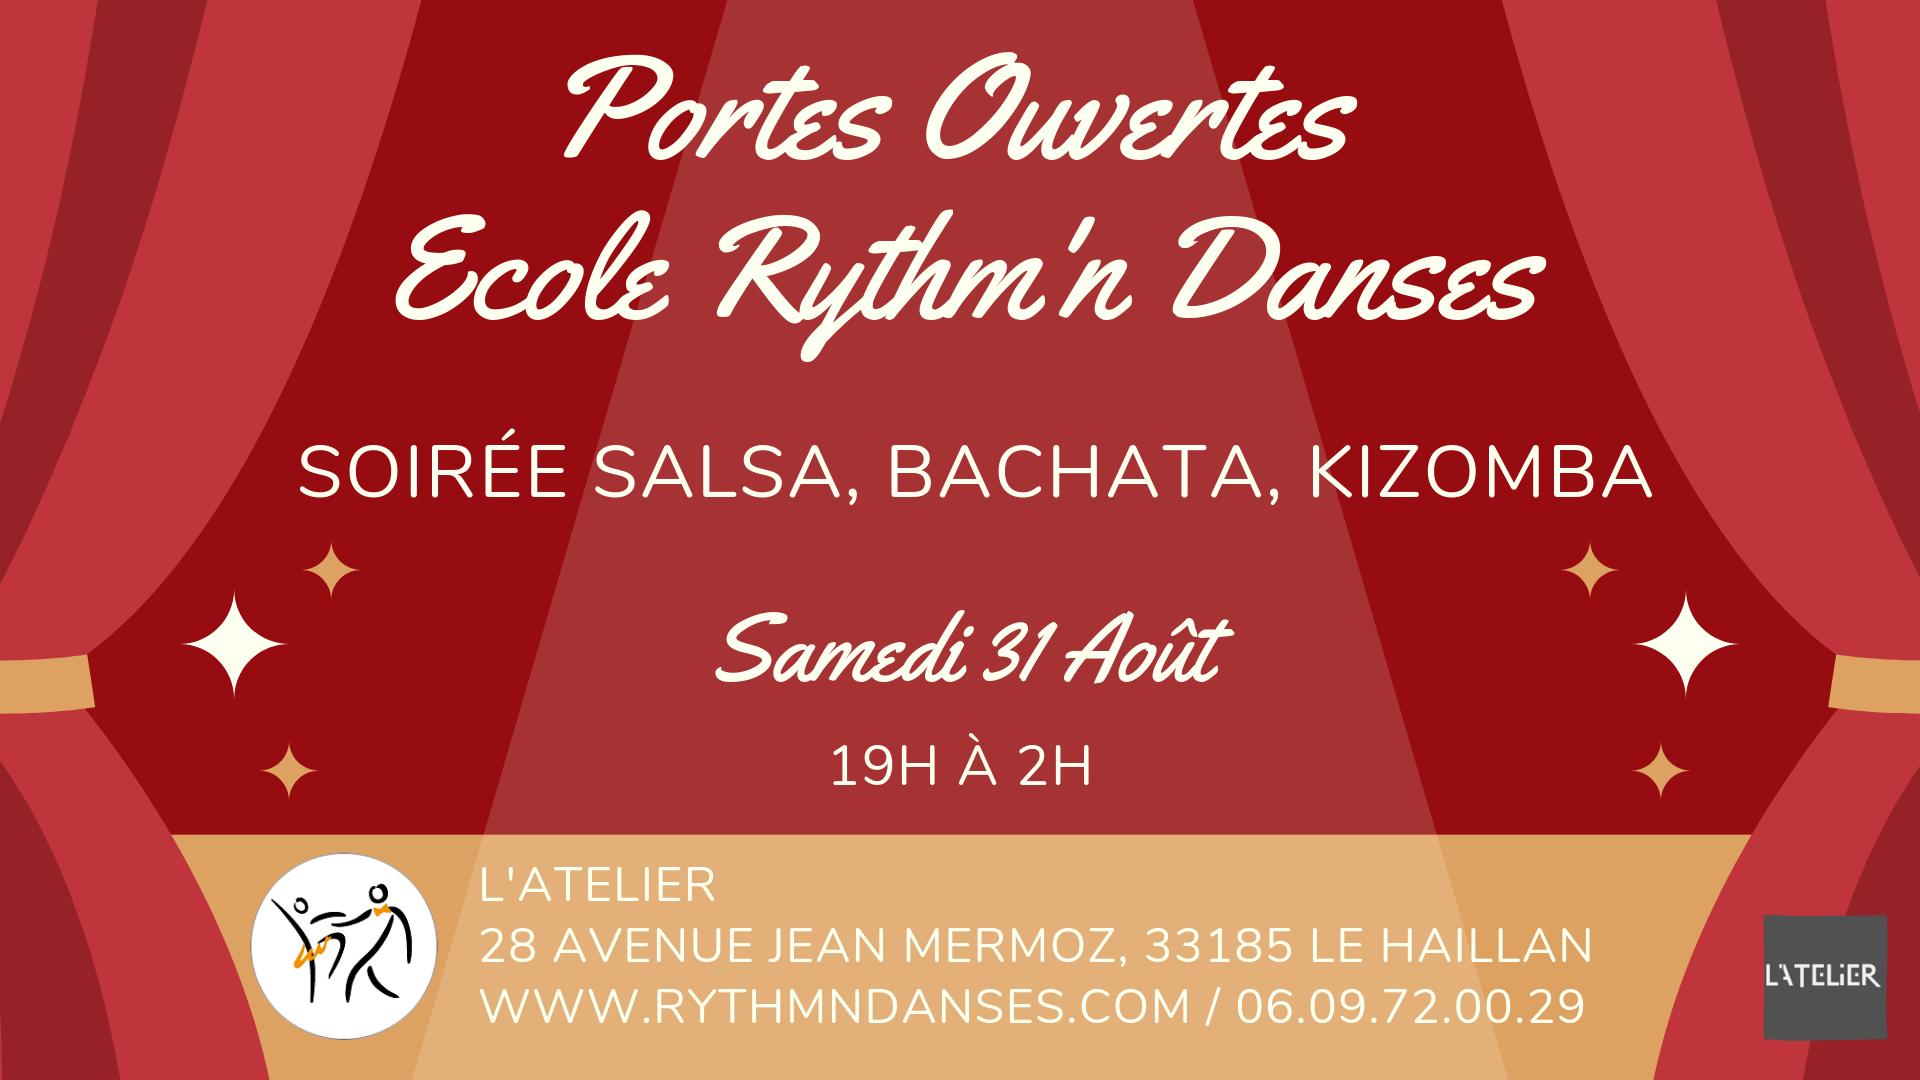 Portes Ouvertes Ecole Rythm'n Danses - Soirée Salsa, Bachata, Kizomba